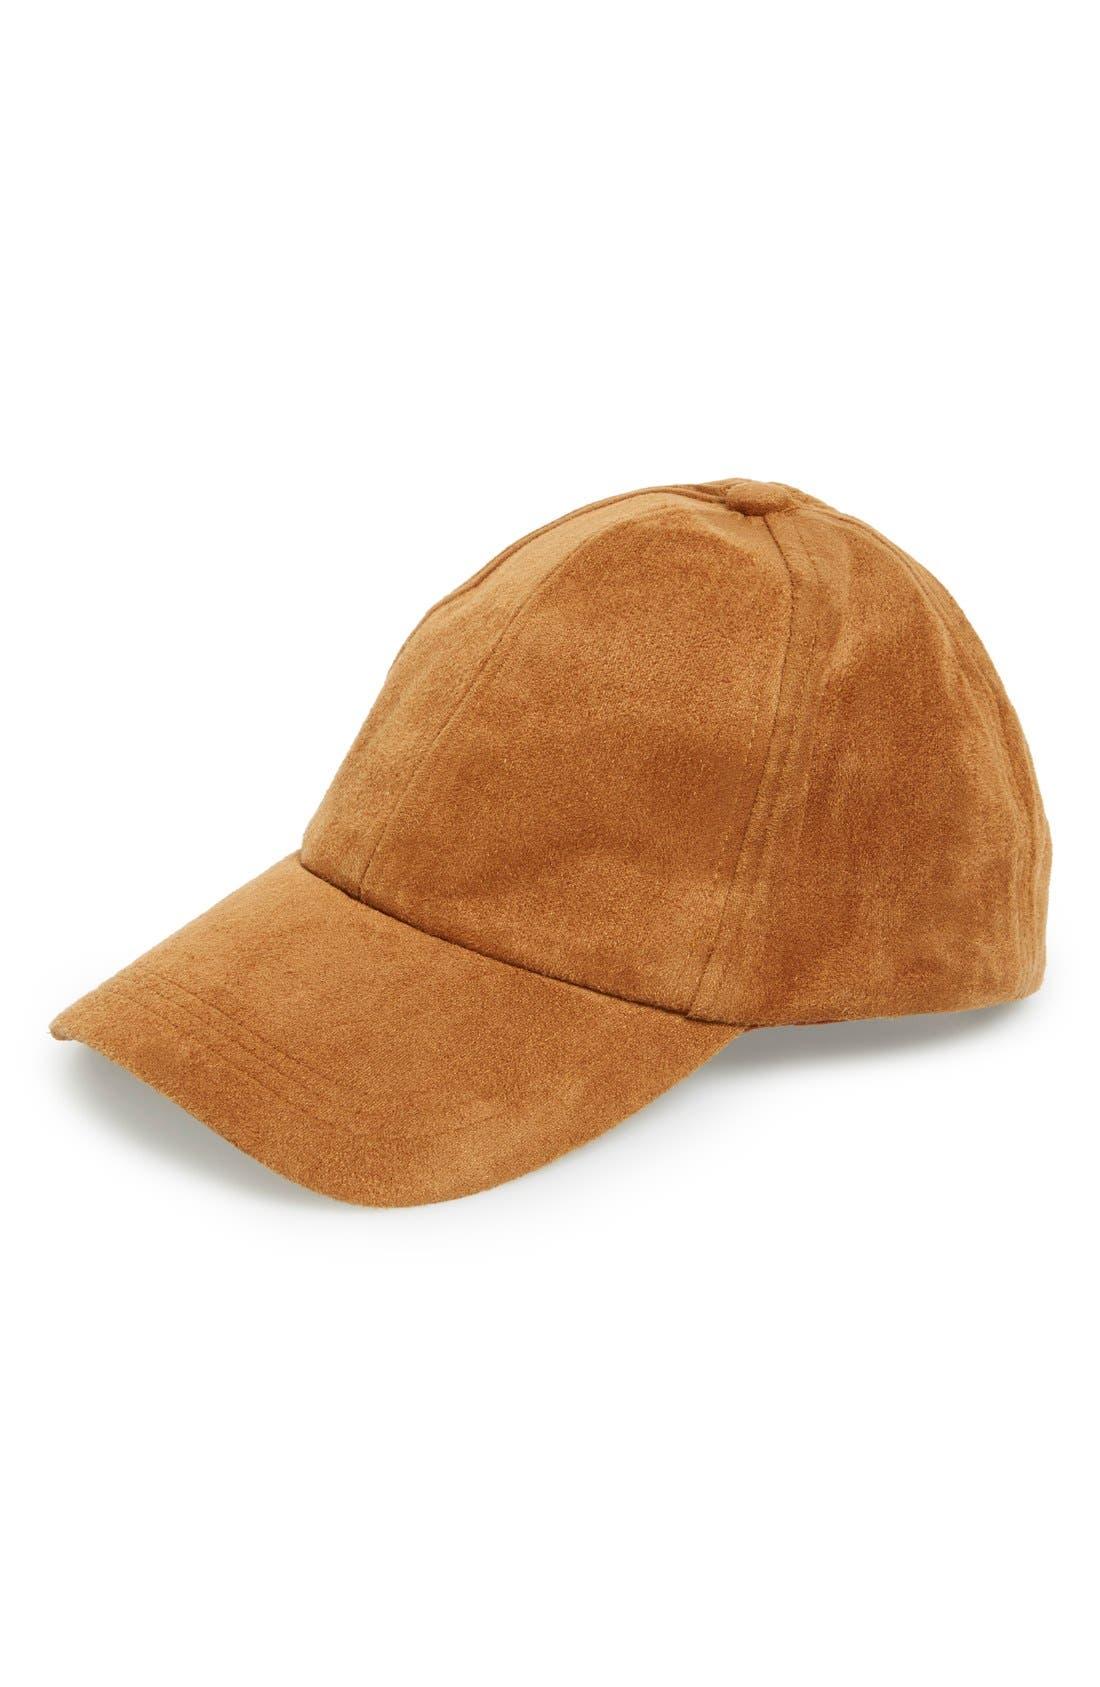 Alternate Image 1 Selected - Steve Madden Snapback Baseball Cap